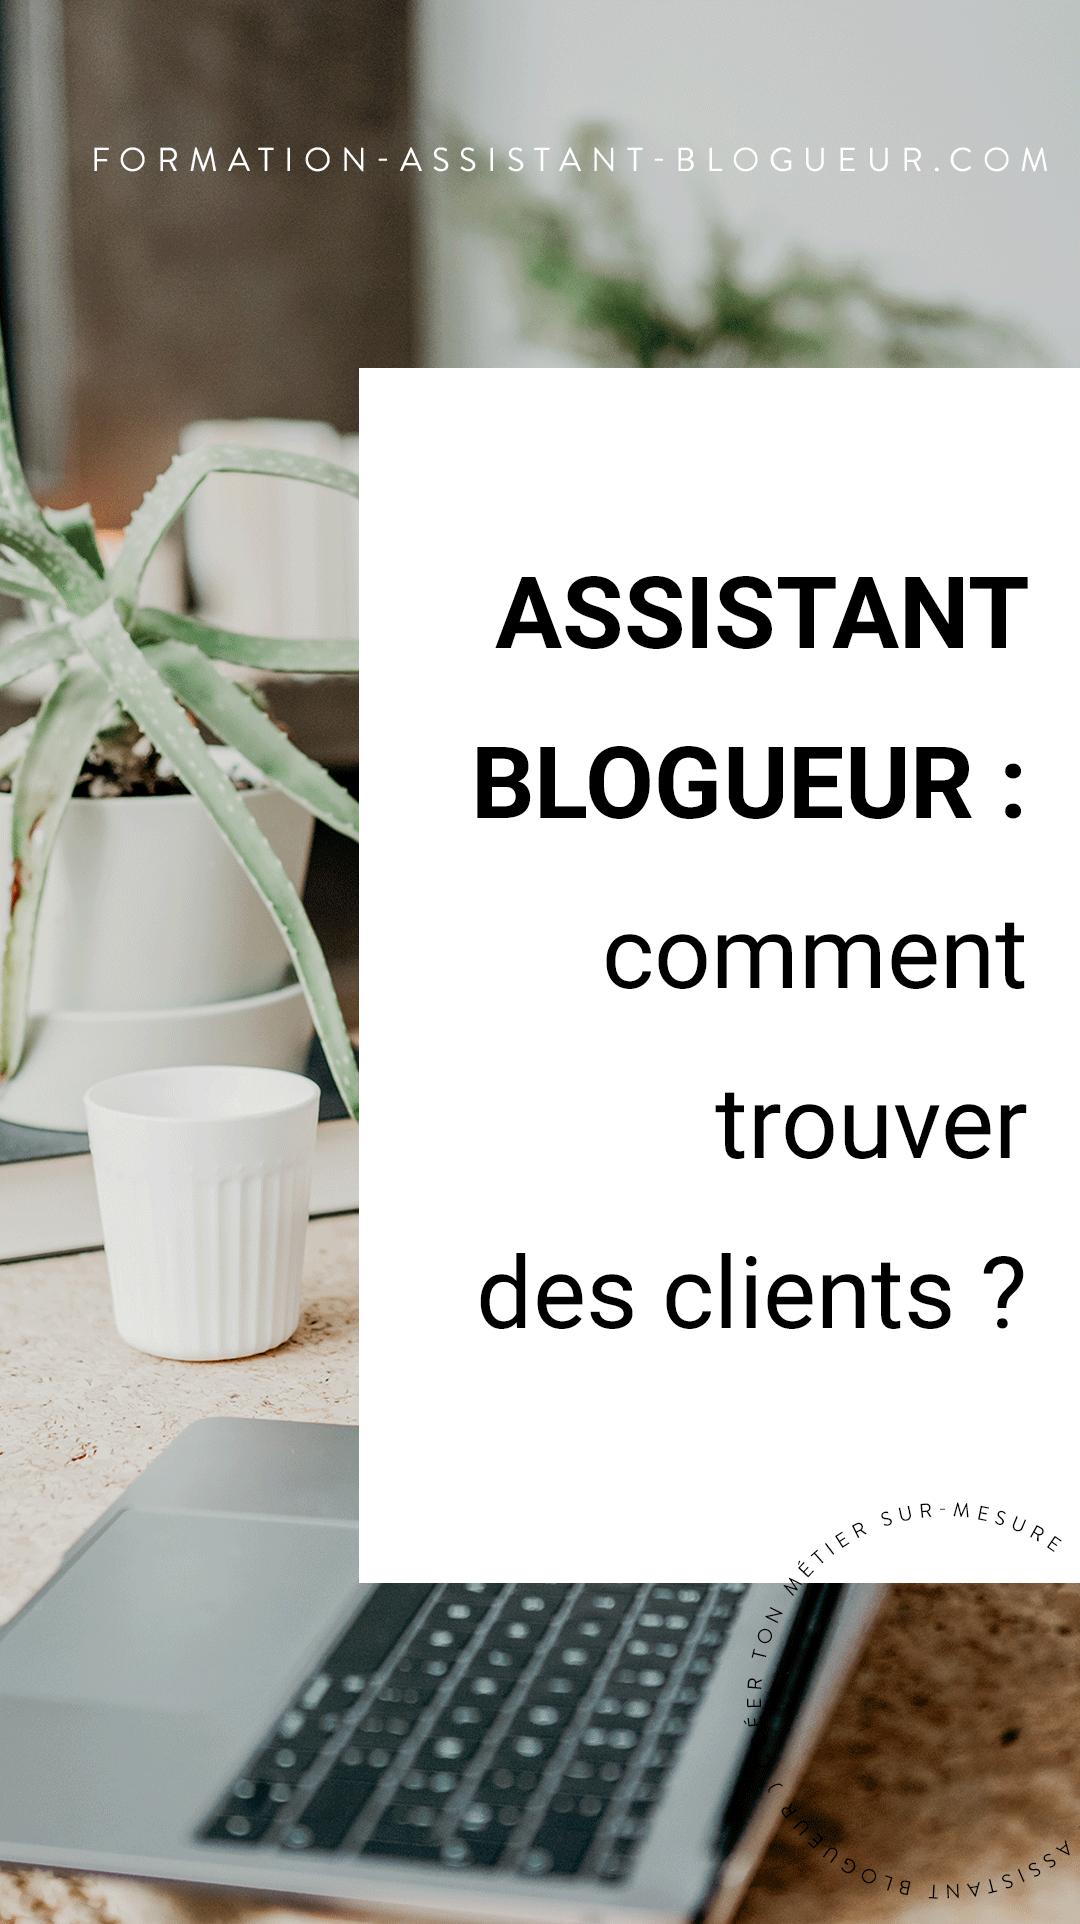 Comment trouver des clients quand on est assistant blogueur